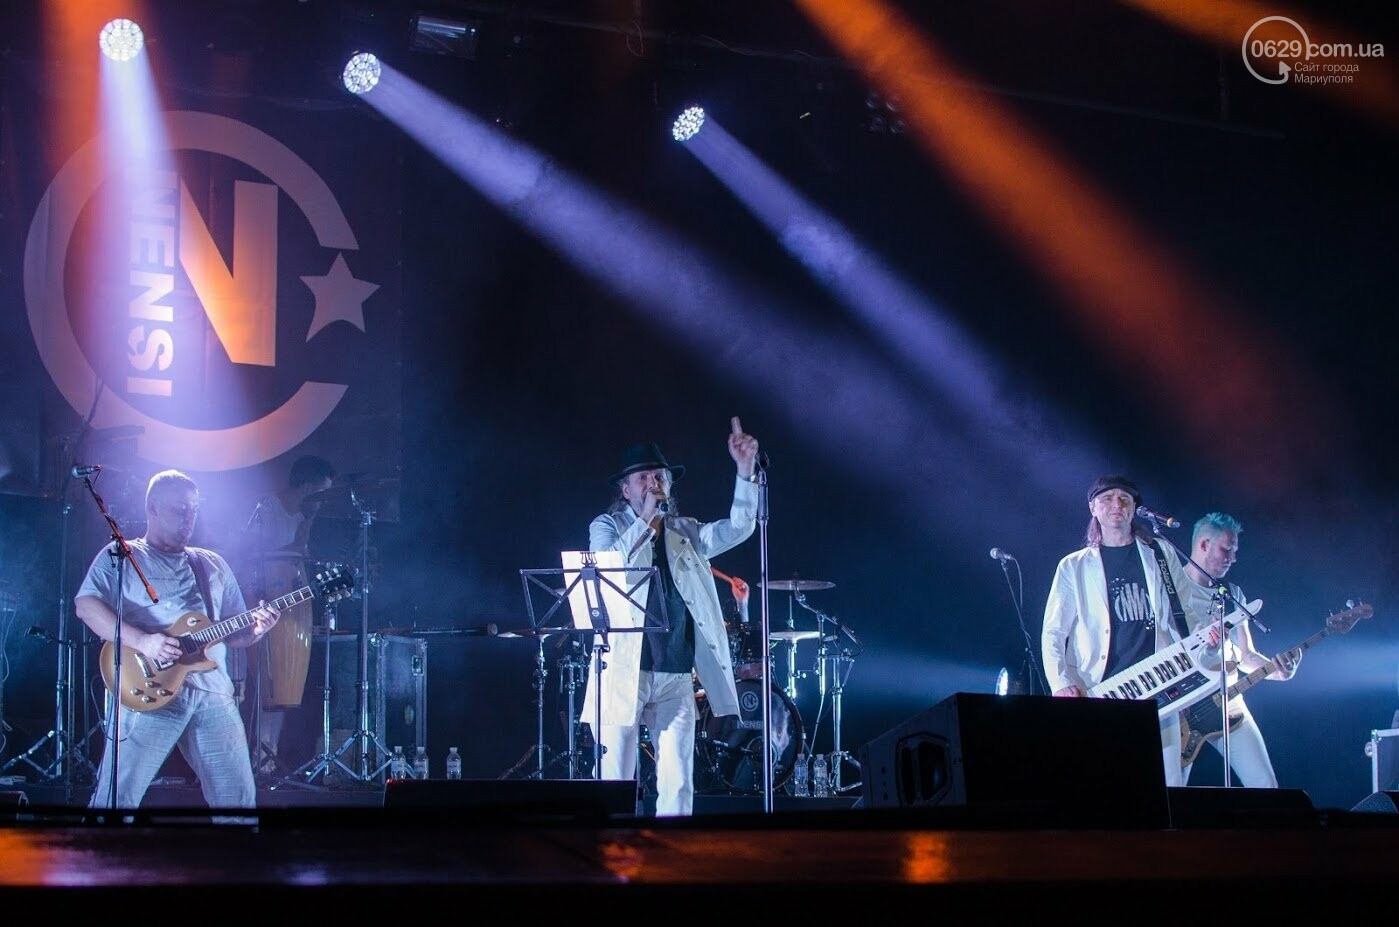 """В Мариуполе  выступила известная группа """"Нэнси"""", - ФОТО, ВИДЕО, фото-2"""